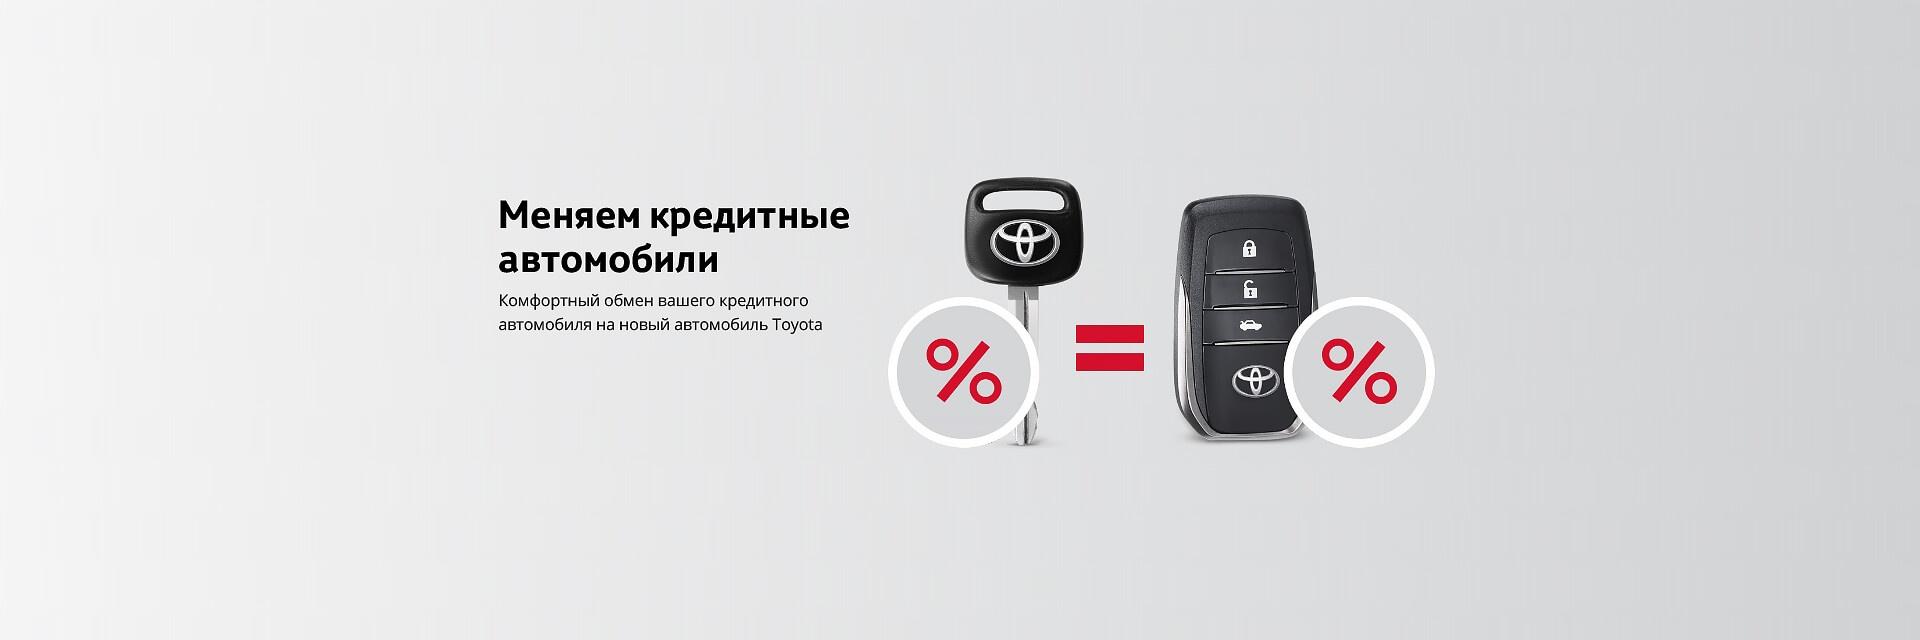 Webmoney украина официальный сайт